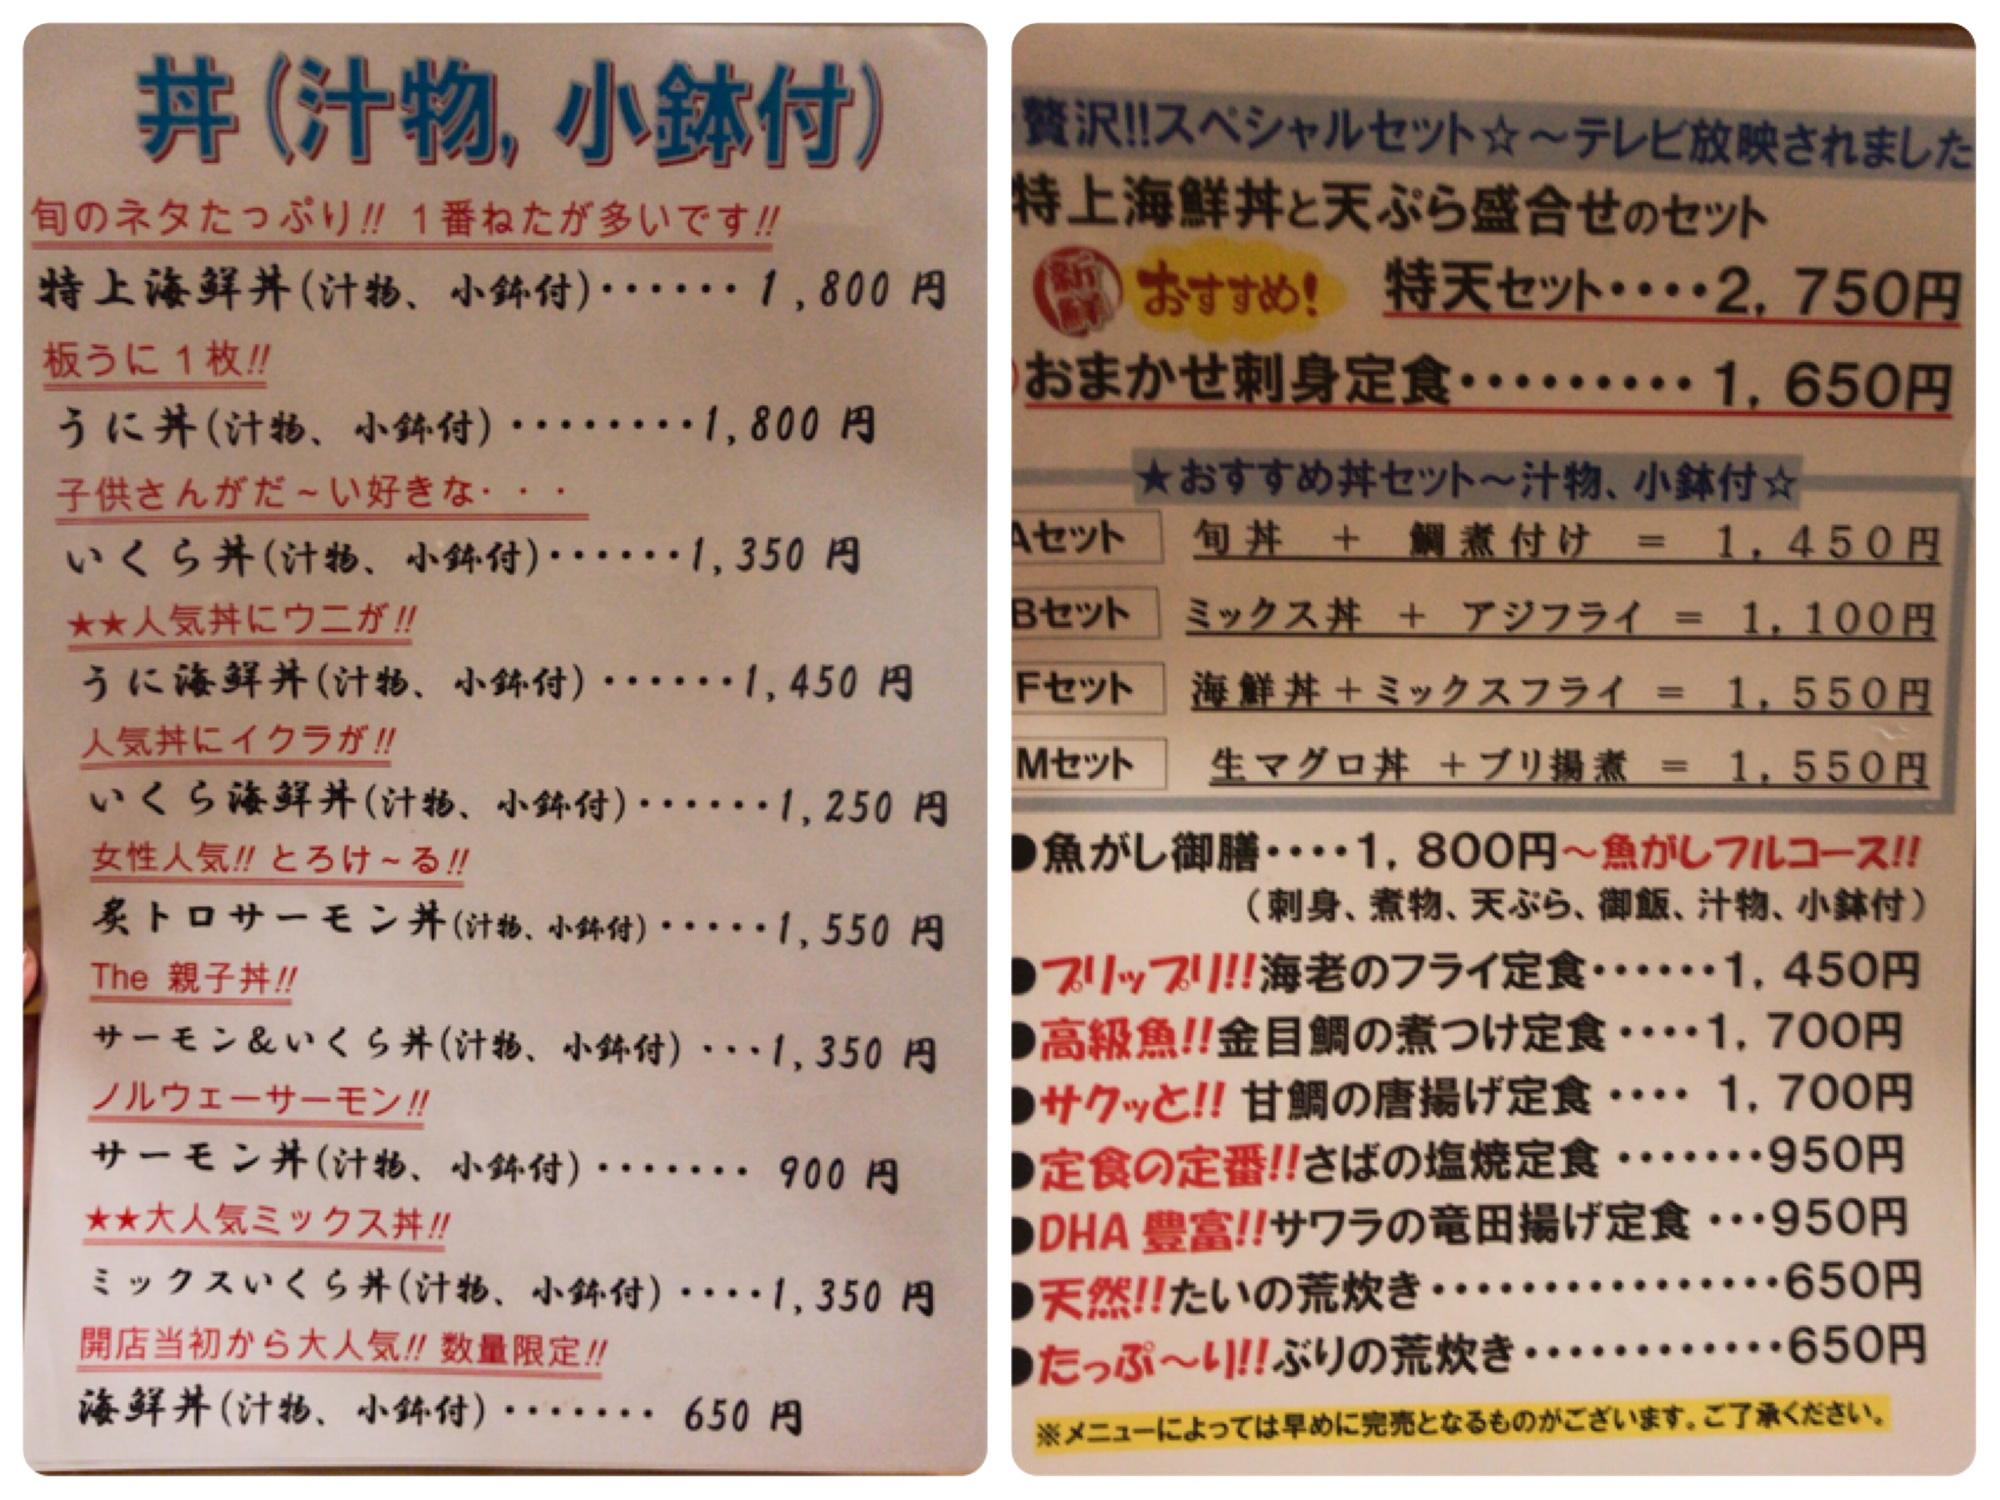 福岡 鮮魚市場 博多魚がし 長浜朝ごはん 朝食